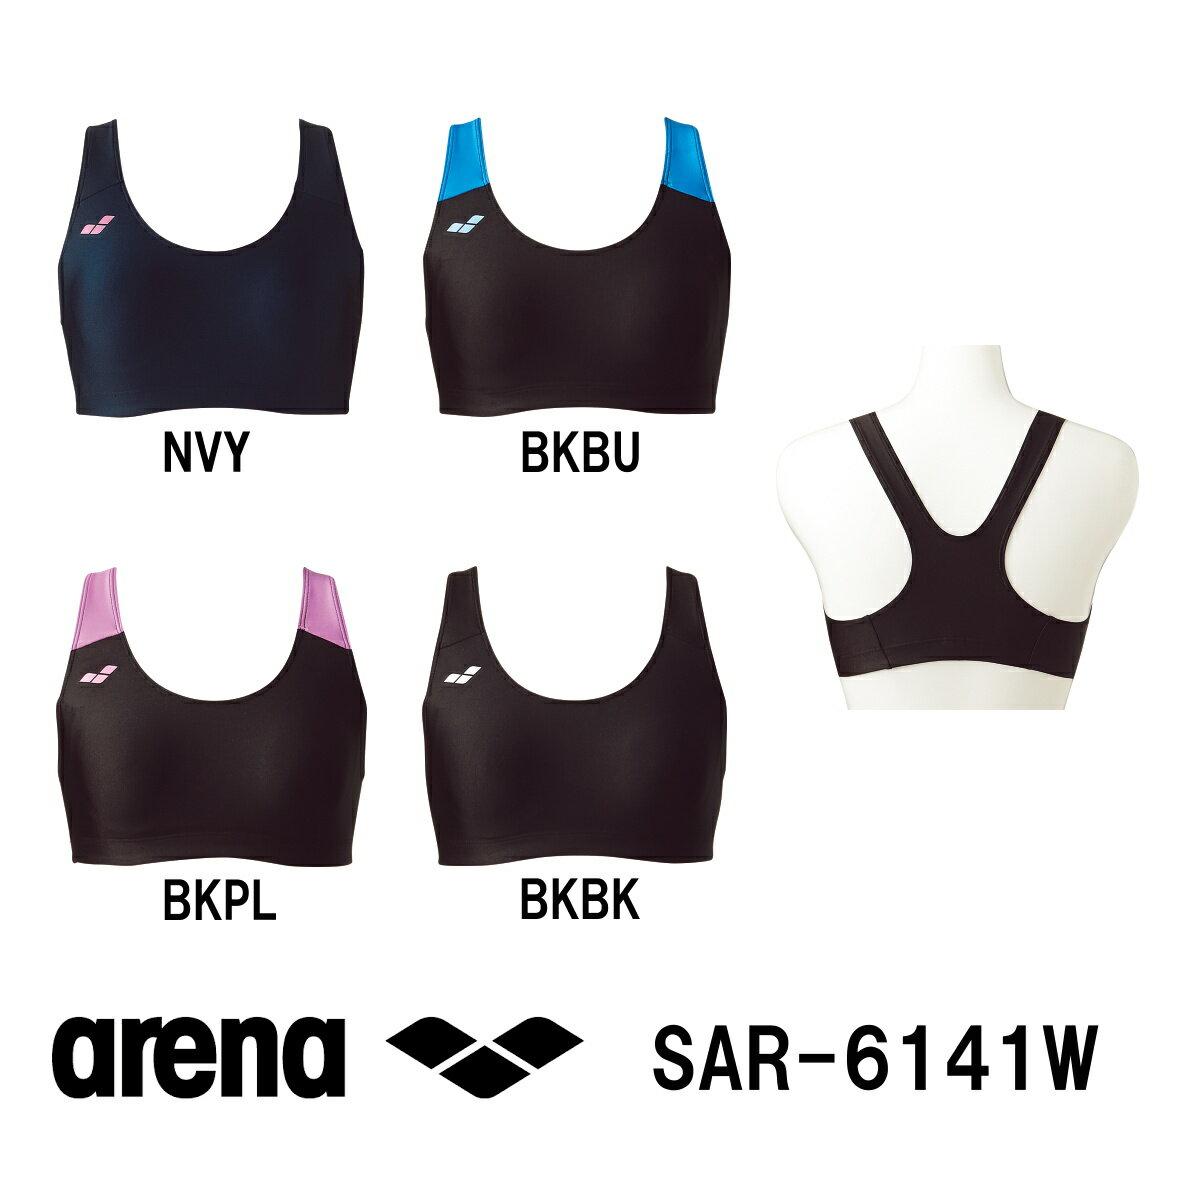 ARENA アリーナ ブラトップ レディース 競泳水着 スイムウェア スイミング ダブルエステル 重ね着水着 SAR-6141W